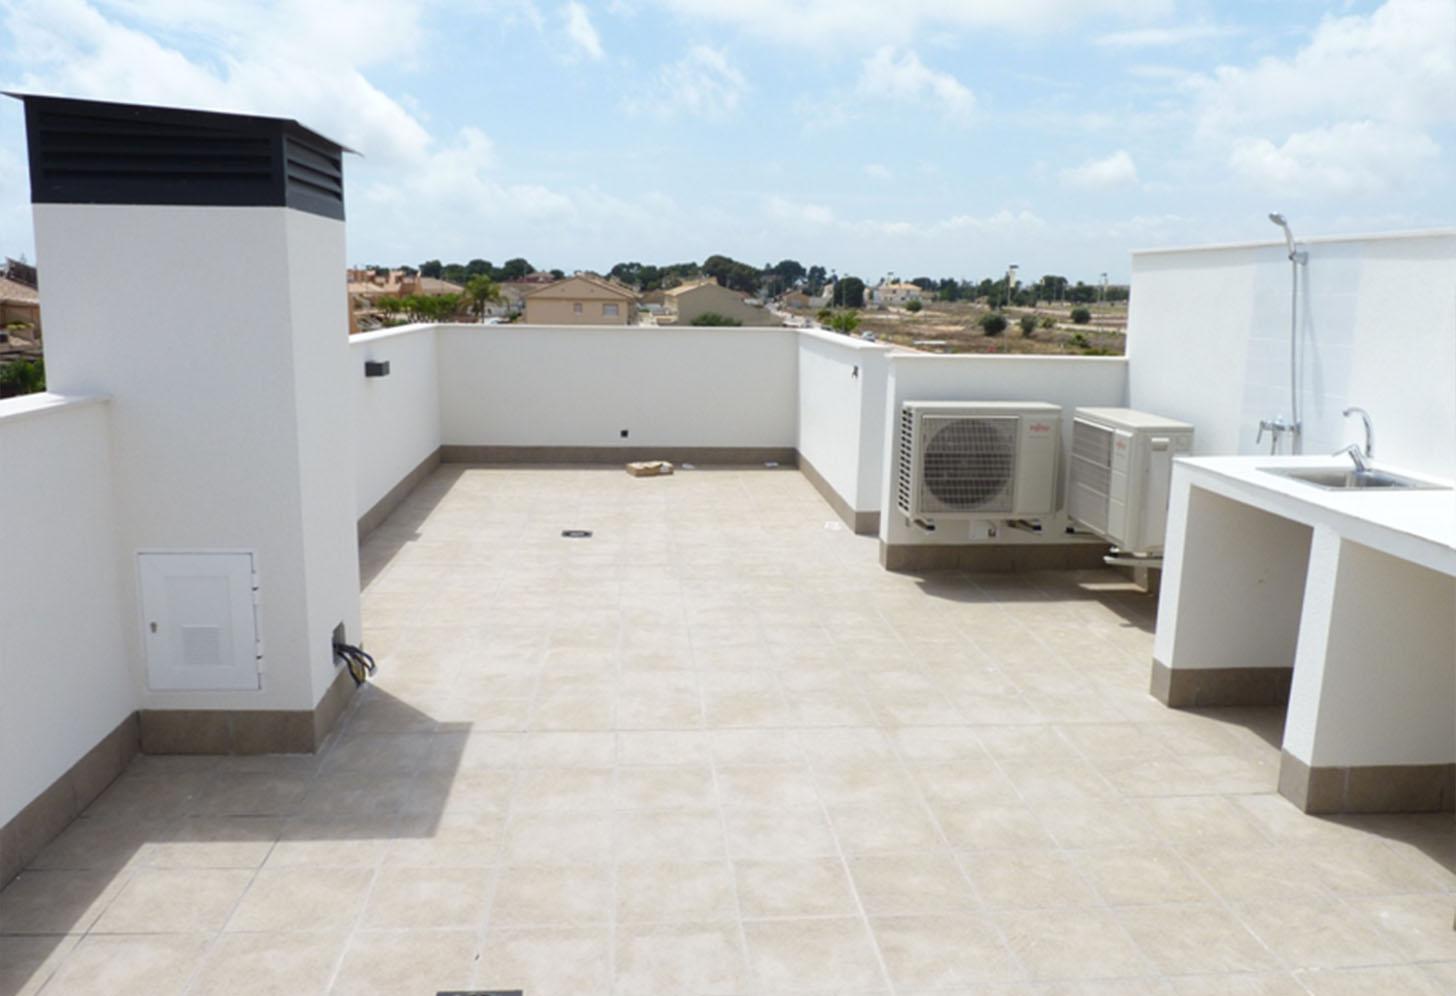 immobilier neuf espagne costa blanca on-n1 azucena del mar solarium 2